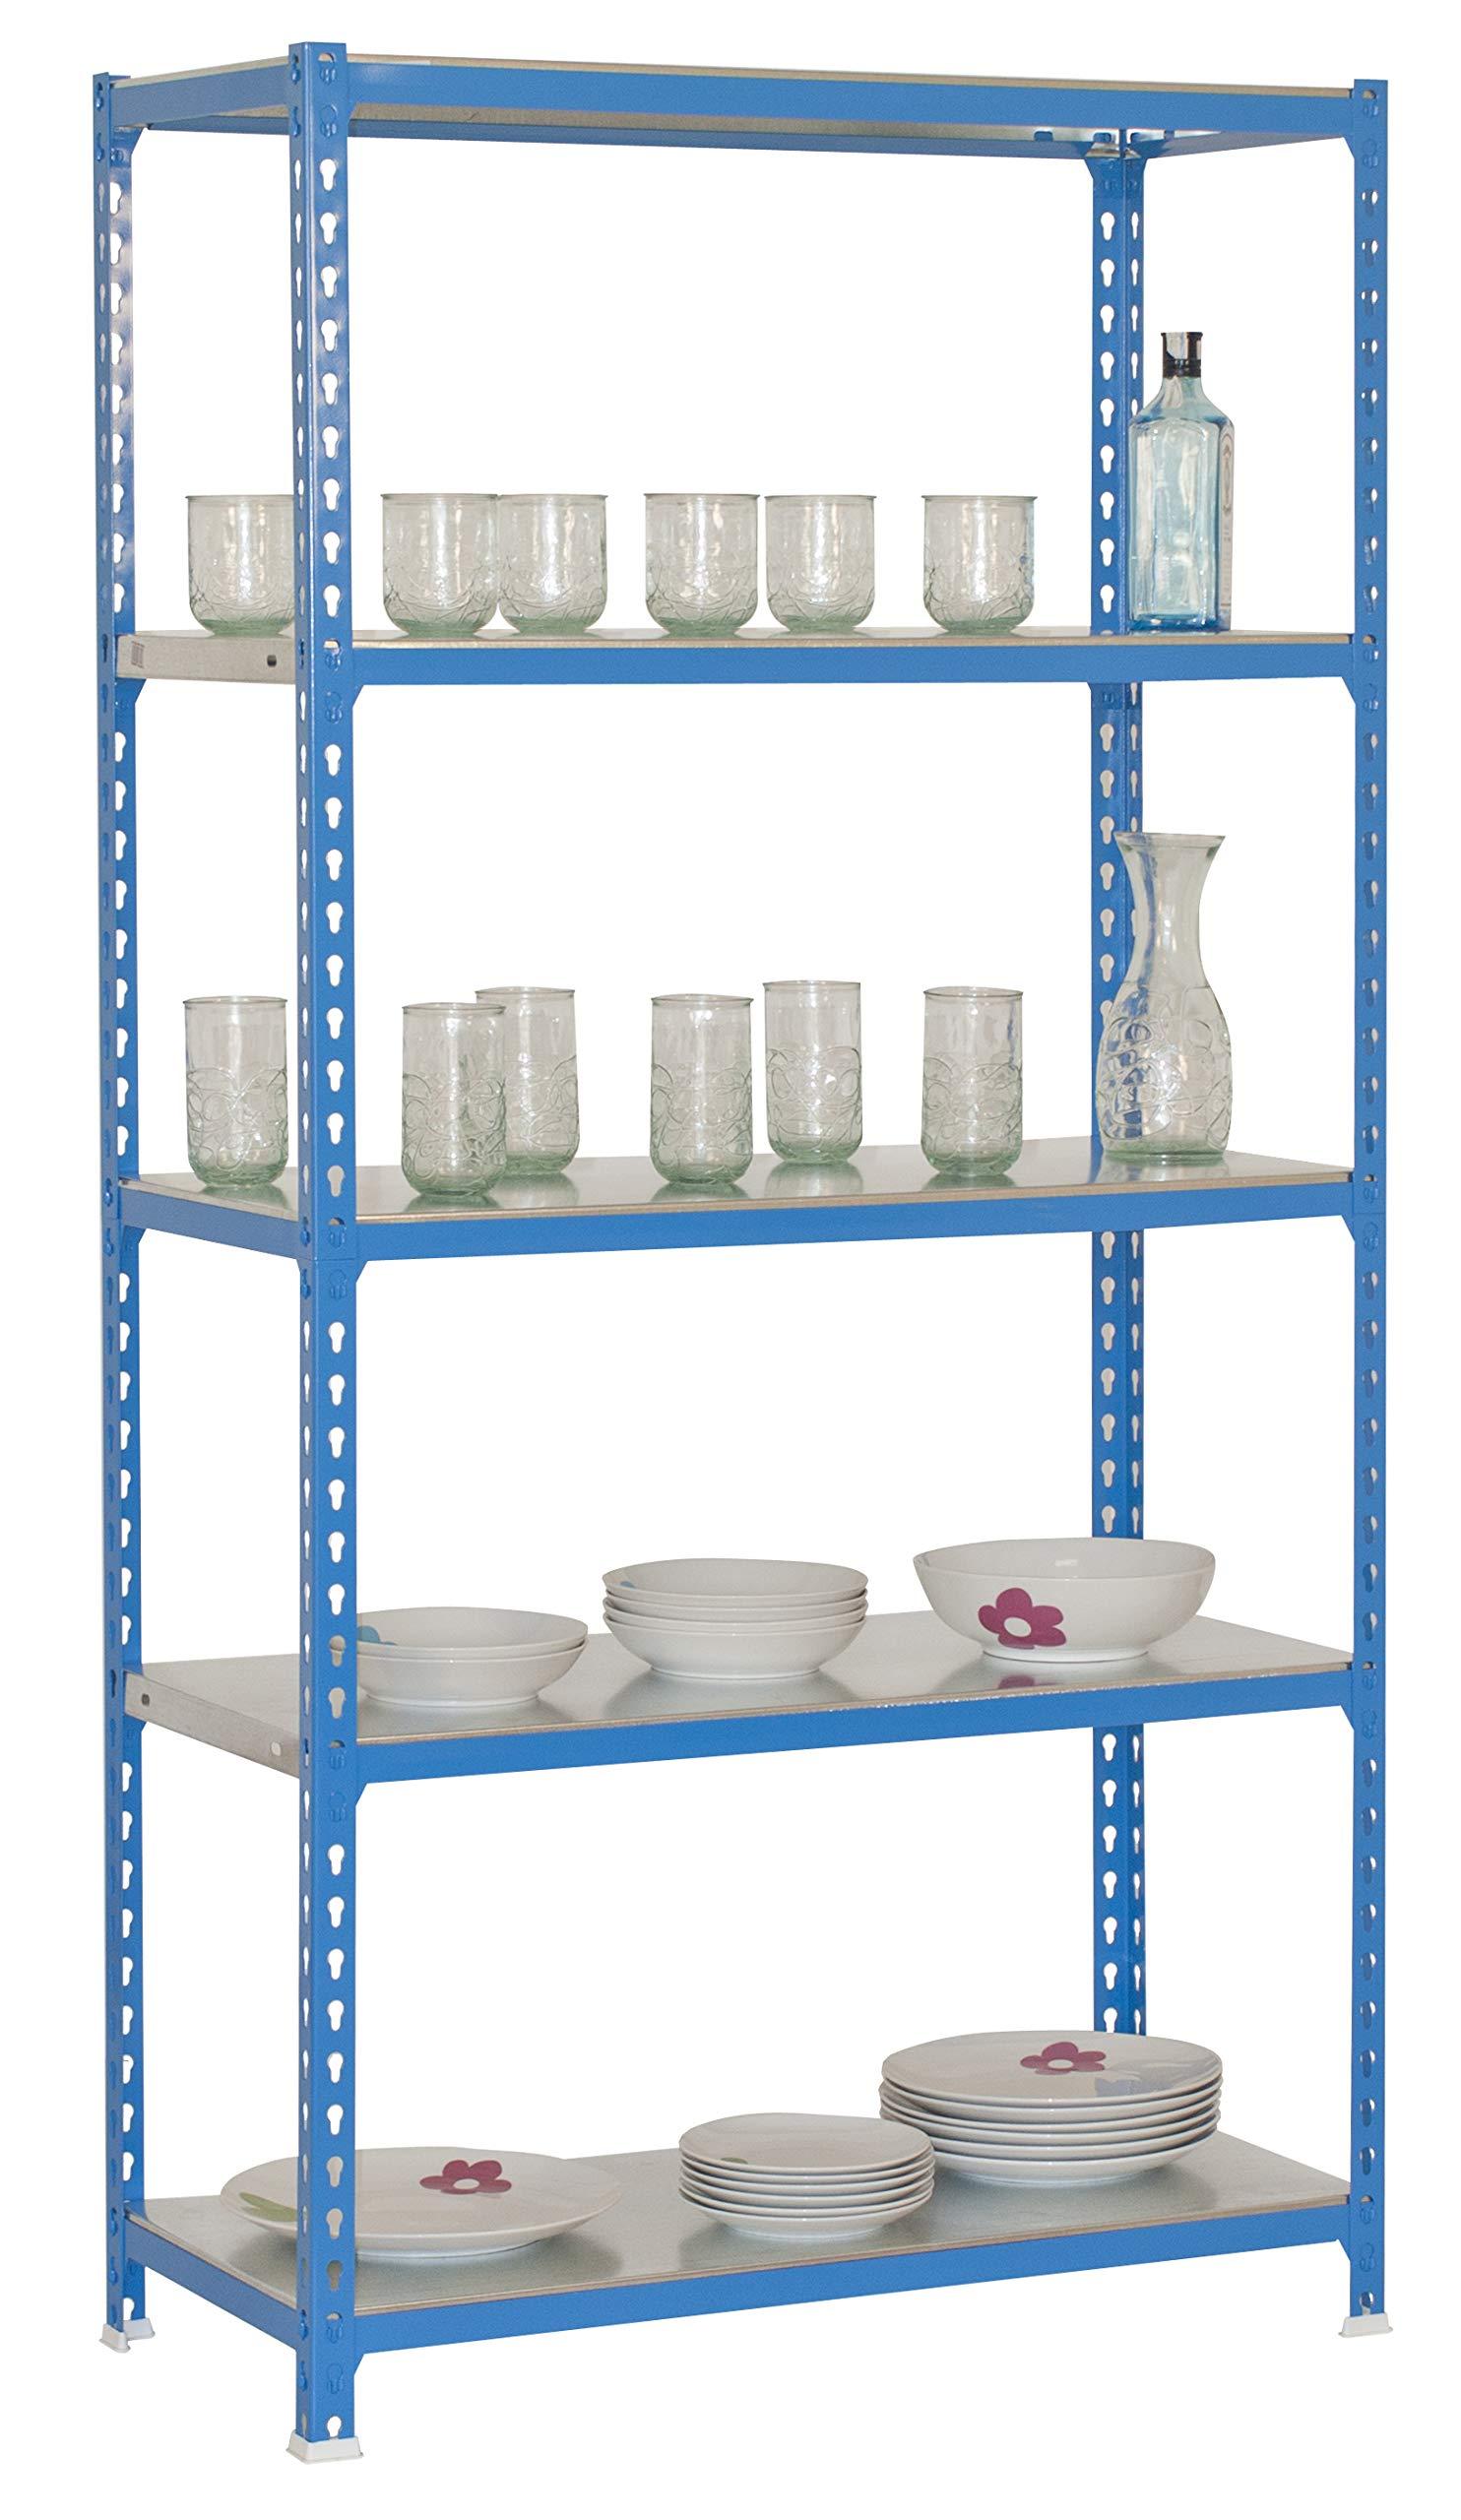 Azul//GALVA 1800 x 900 x 500 mm SimonRack SI407 Kit Estanter/ía con 5 Estantes